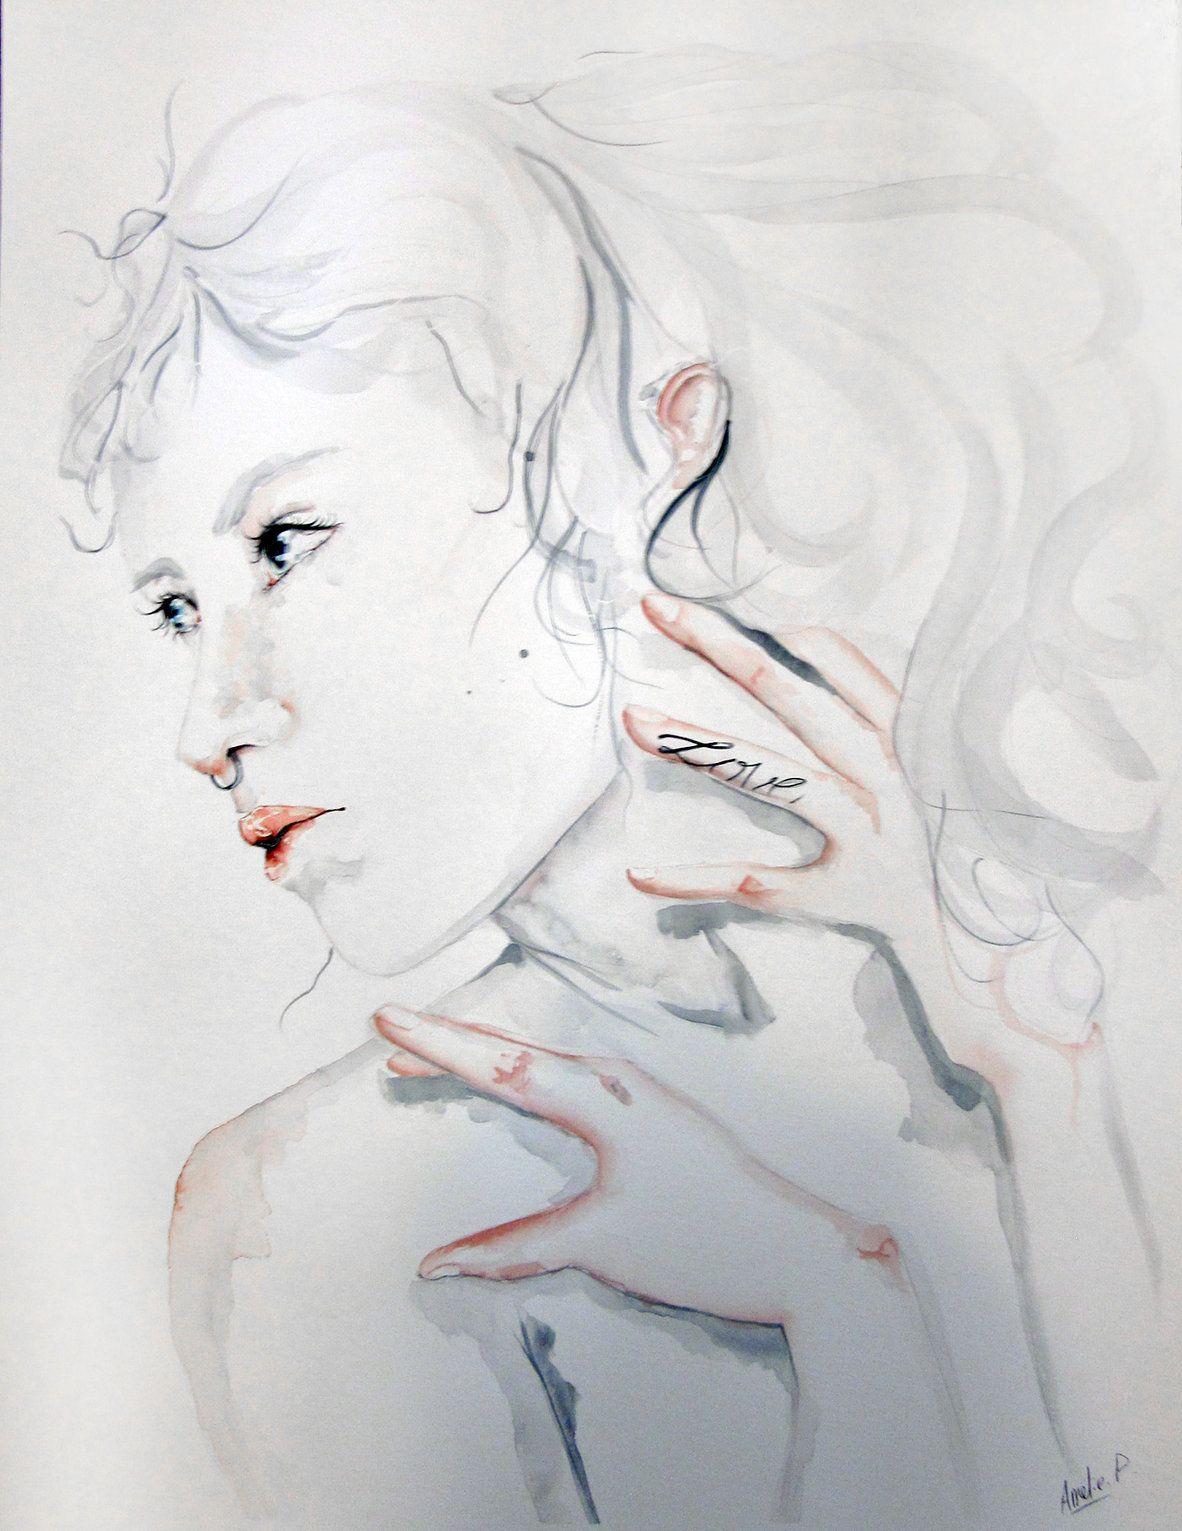 Book de Amélie Liberal via http://ameldteen.ultra-book.com/portfolio